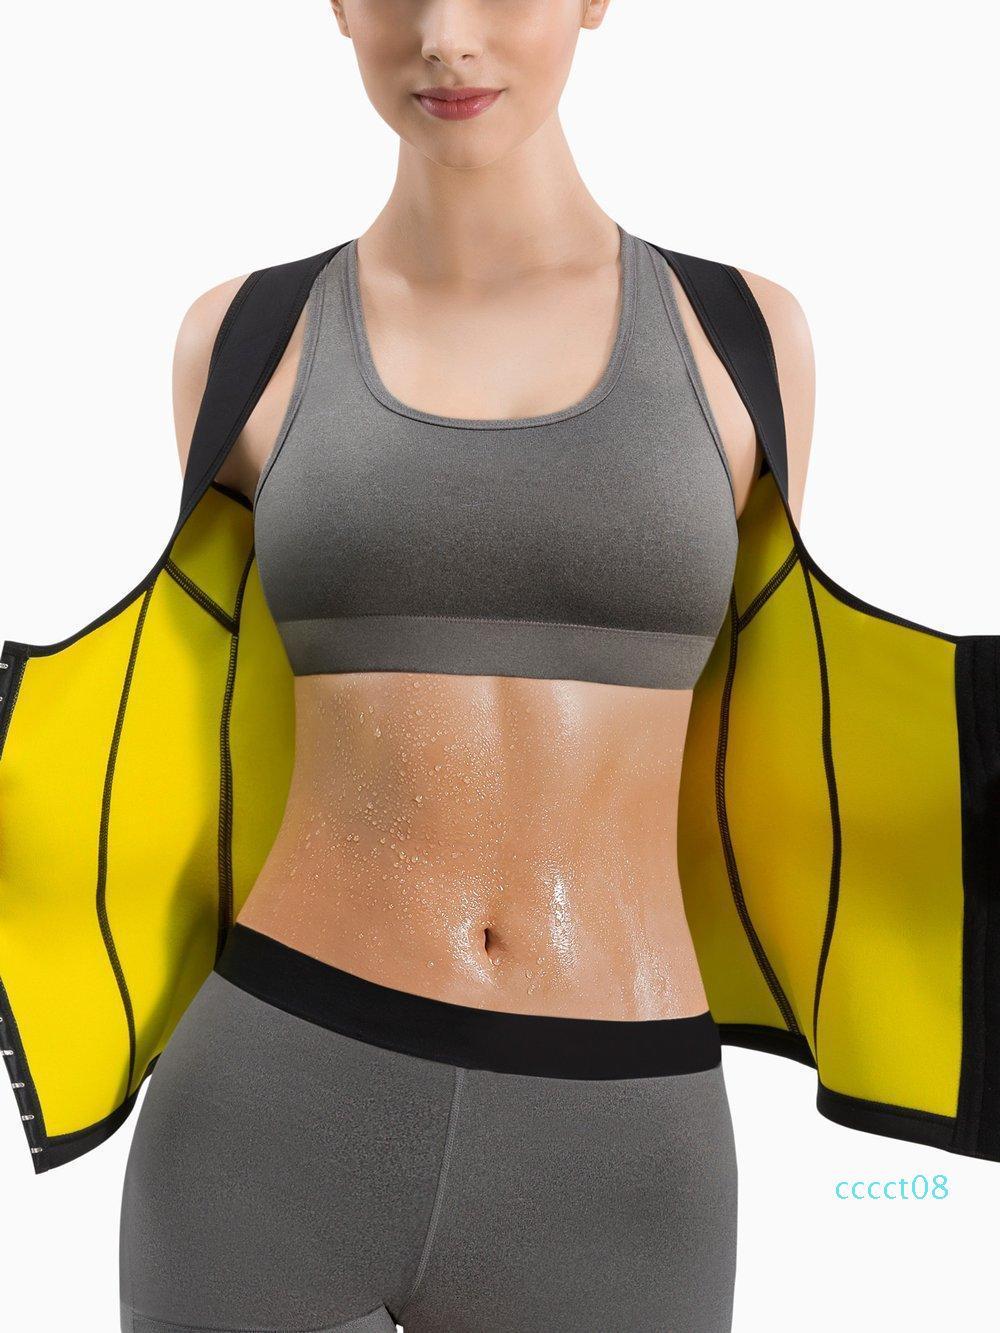 Vente chaude du corps jaune Corset Rose Shaper taille Body Trainer Shaper Corsets Minceur Ceinture Bodysuit amincissants formation Cincher En stock CT8